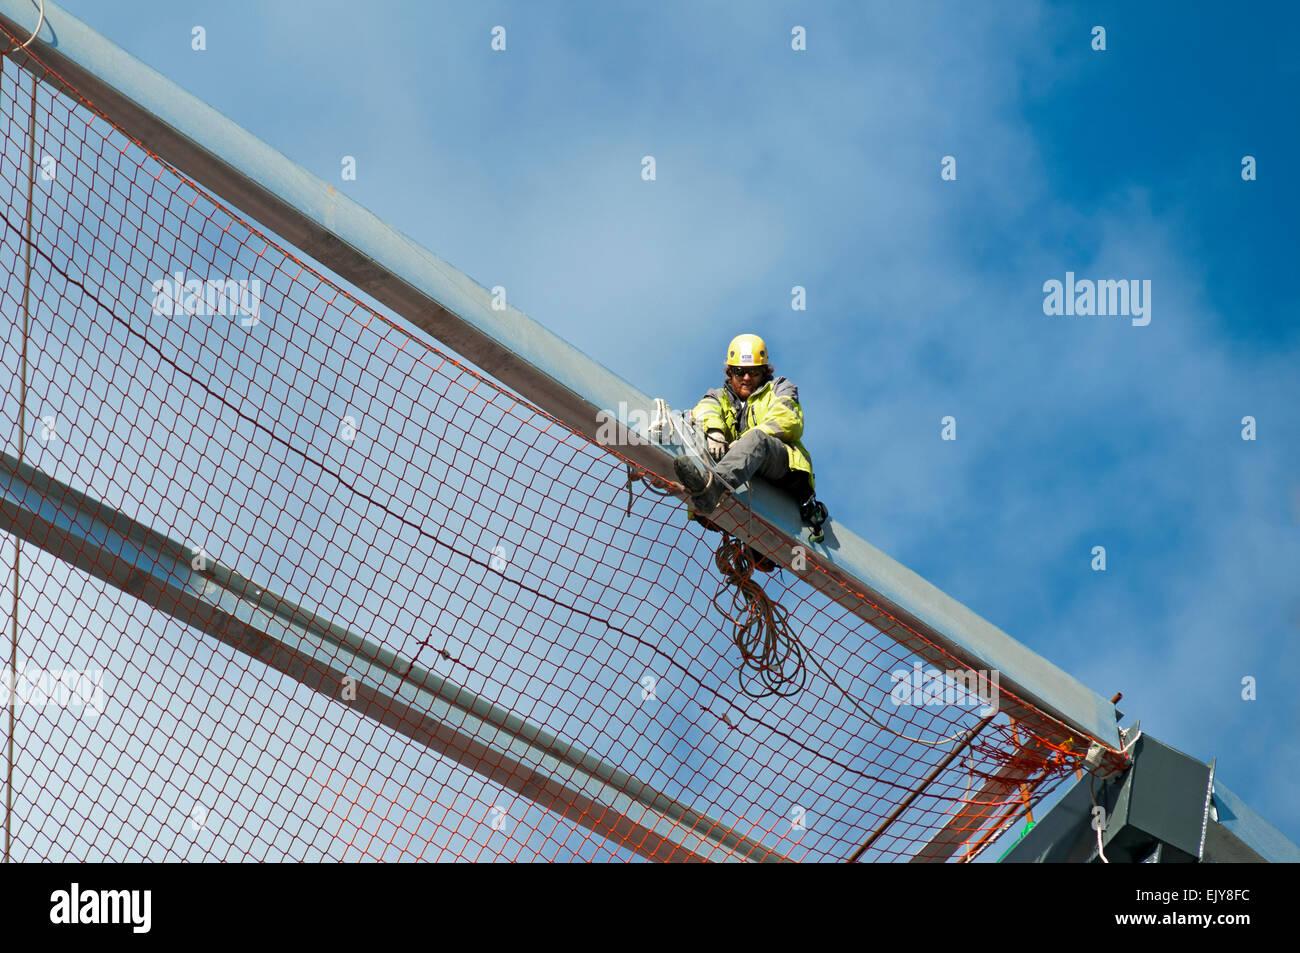 Fijación Workman compensación seguridad en el techo del estadio Etihad, Grada Sur proyecto de expansión, Imagen De Stock